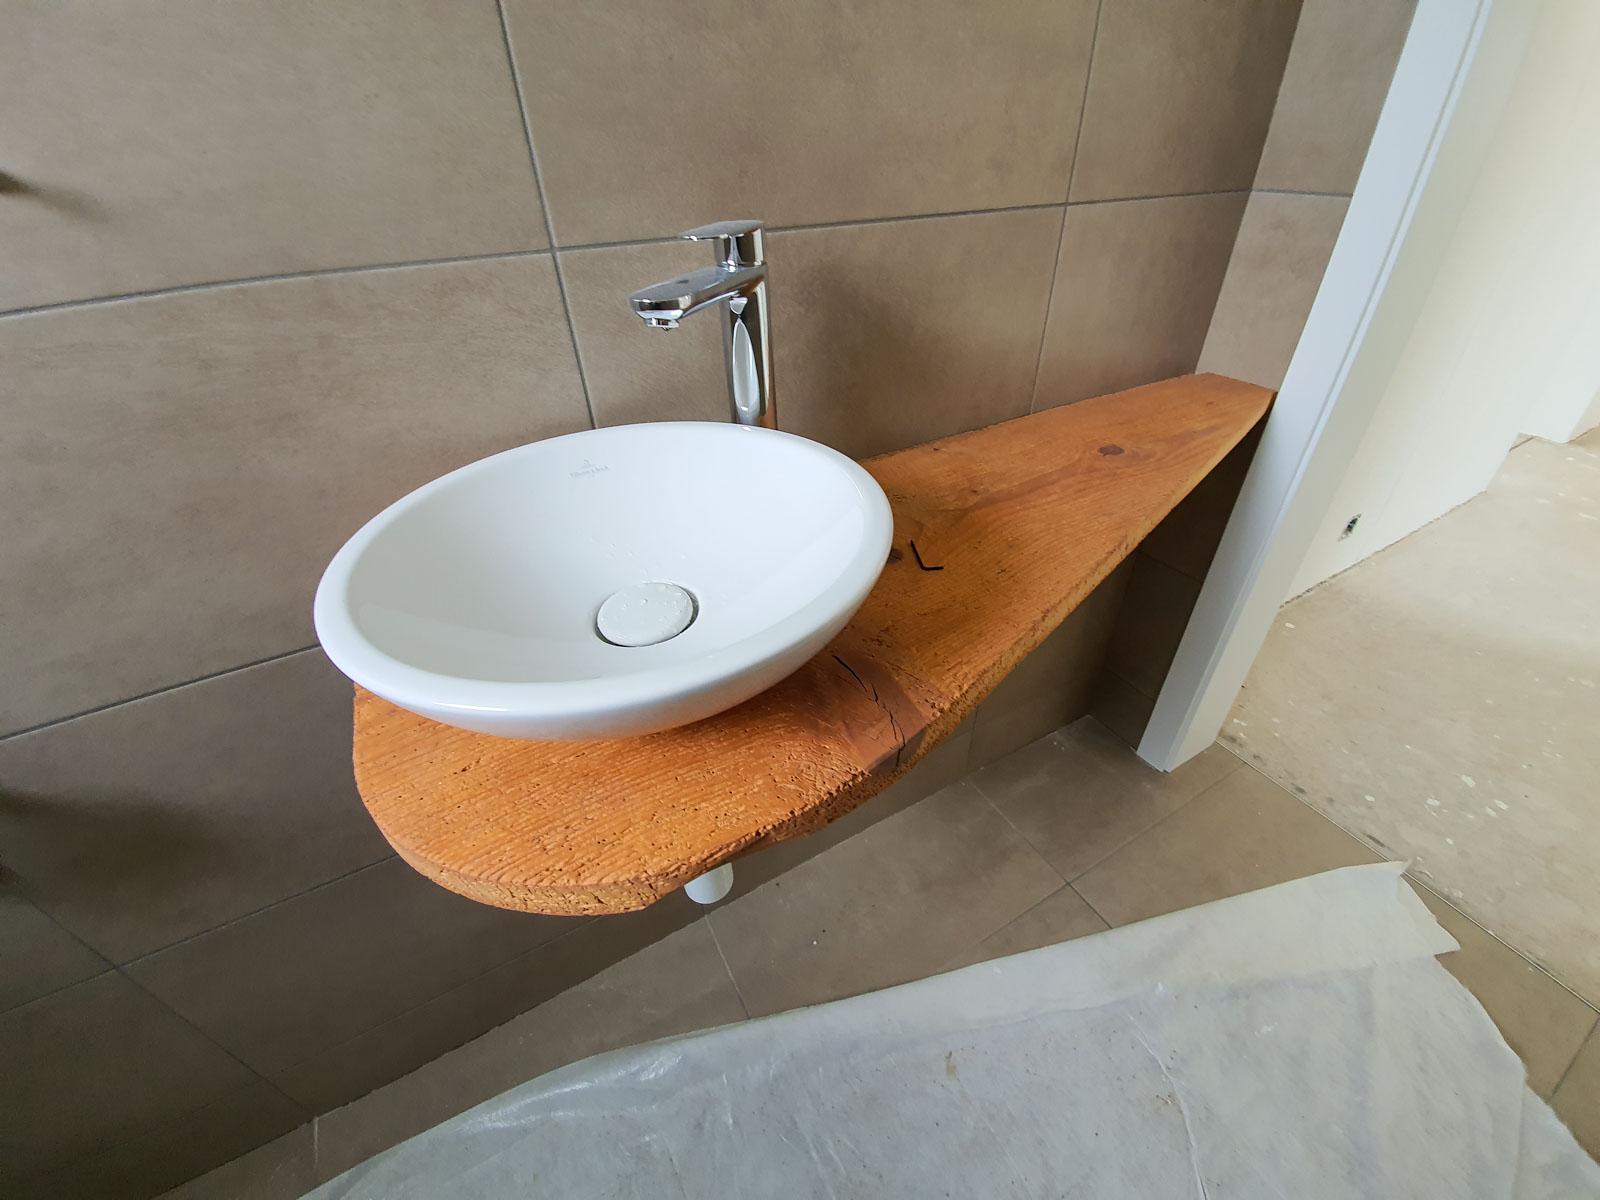 Wooddesign_Badmöbel_Gäste_WC_Altholzabdeckung_rundes Aufsatzbecken (1)